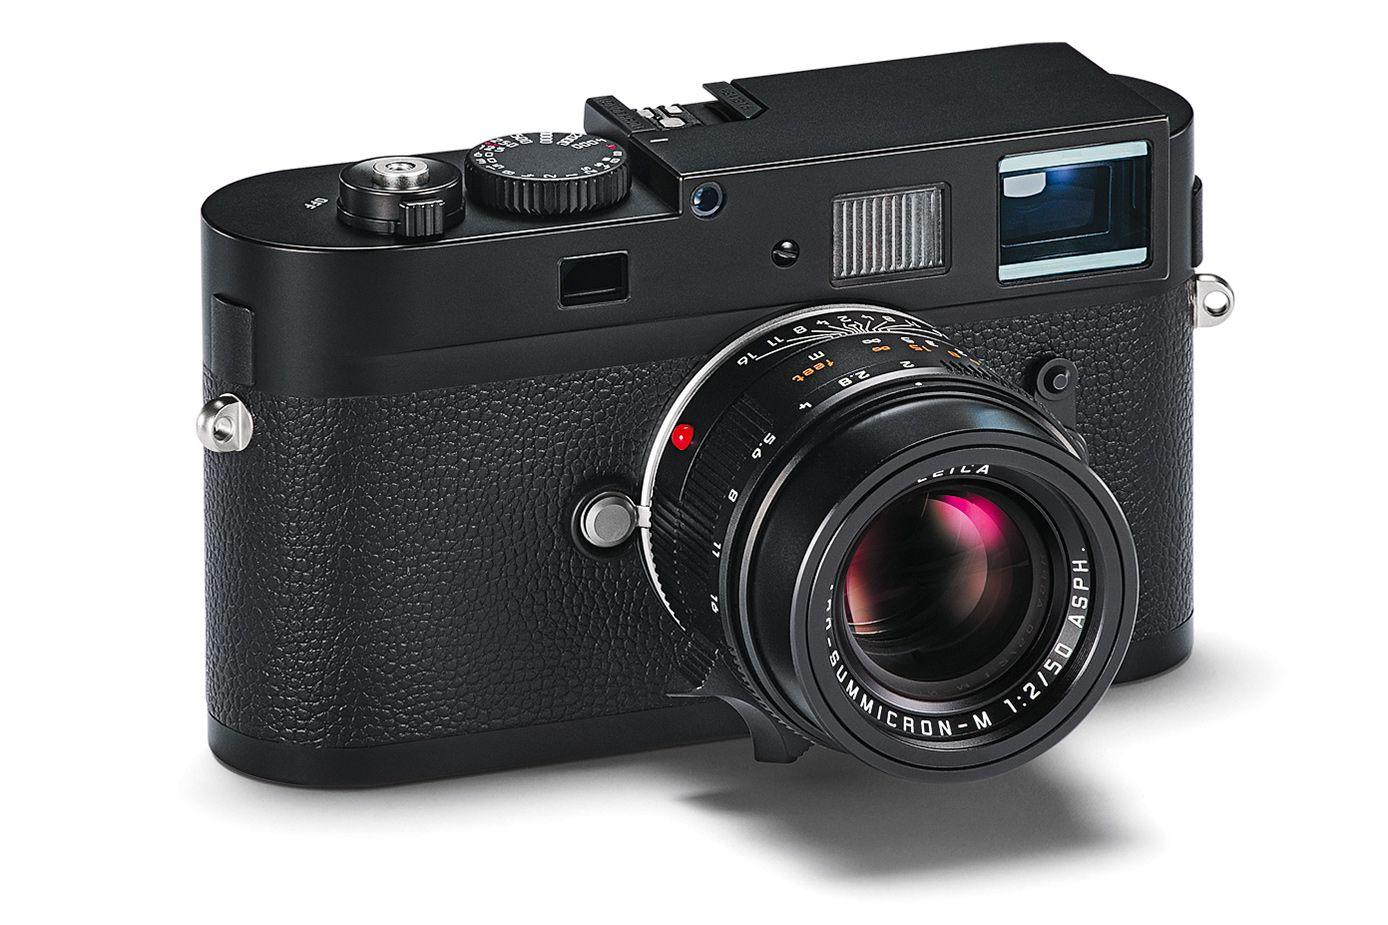 Leica M Monochrom Type 246, $7,450, leica-camera.com